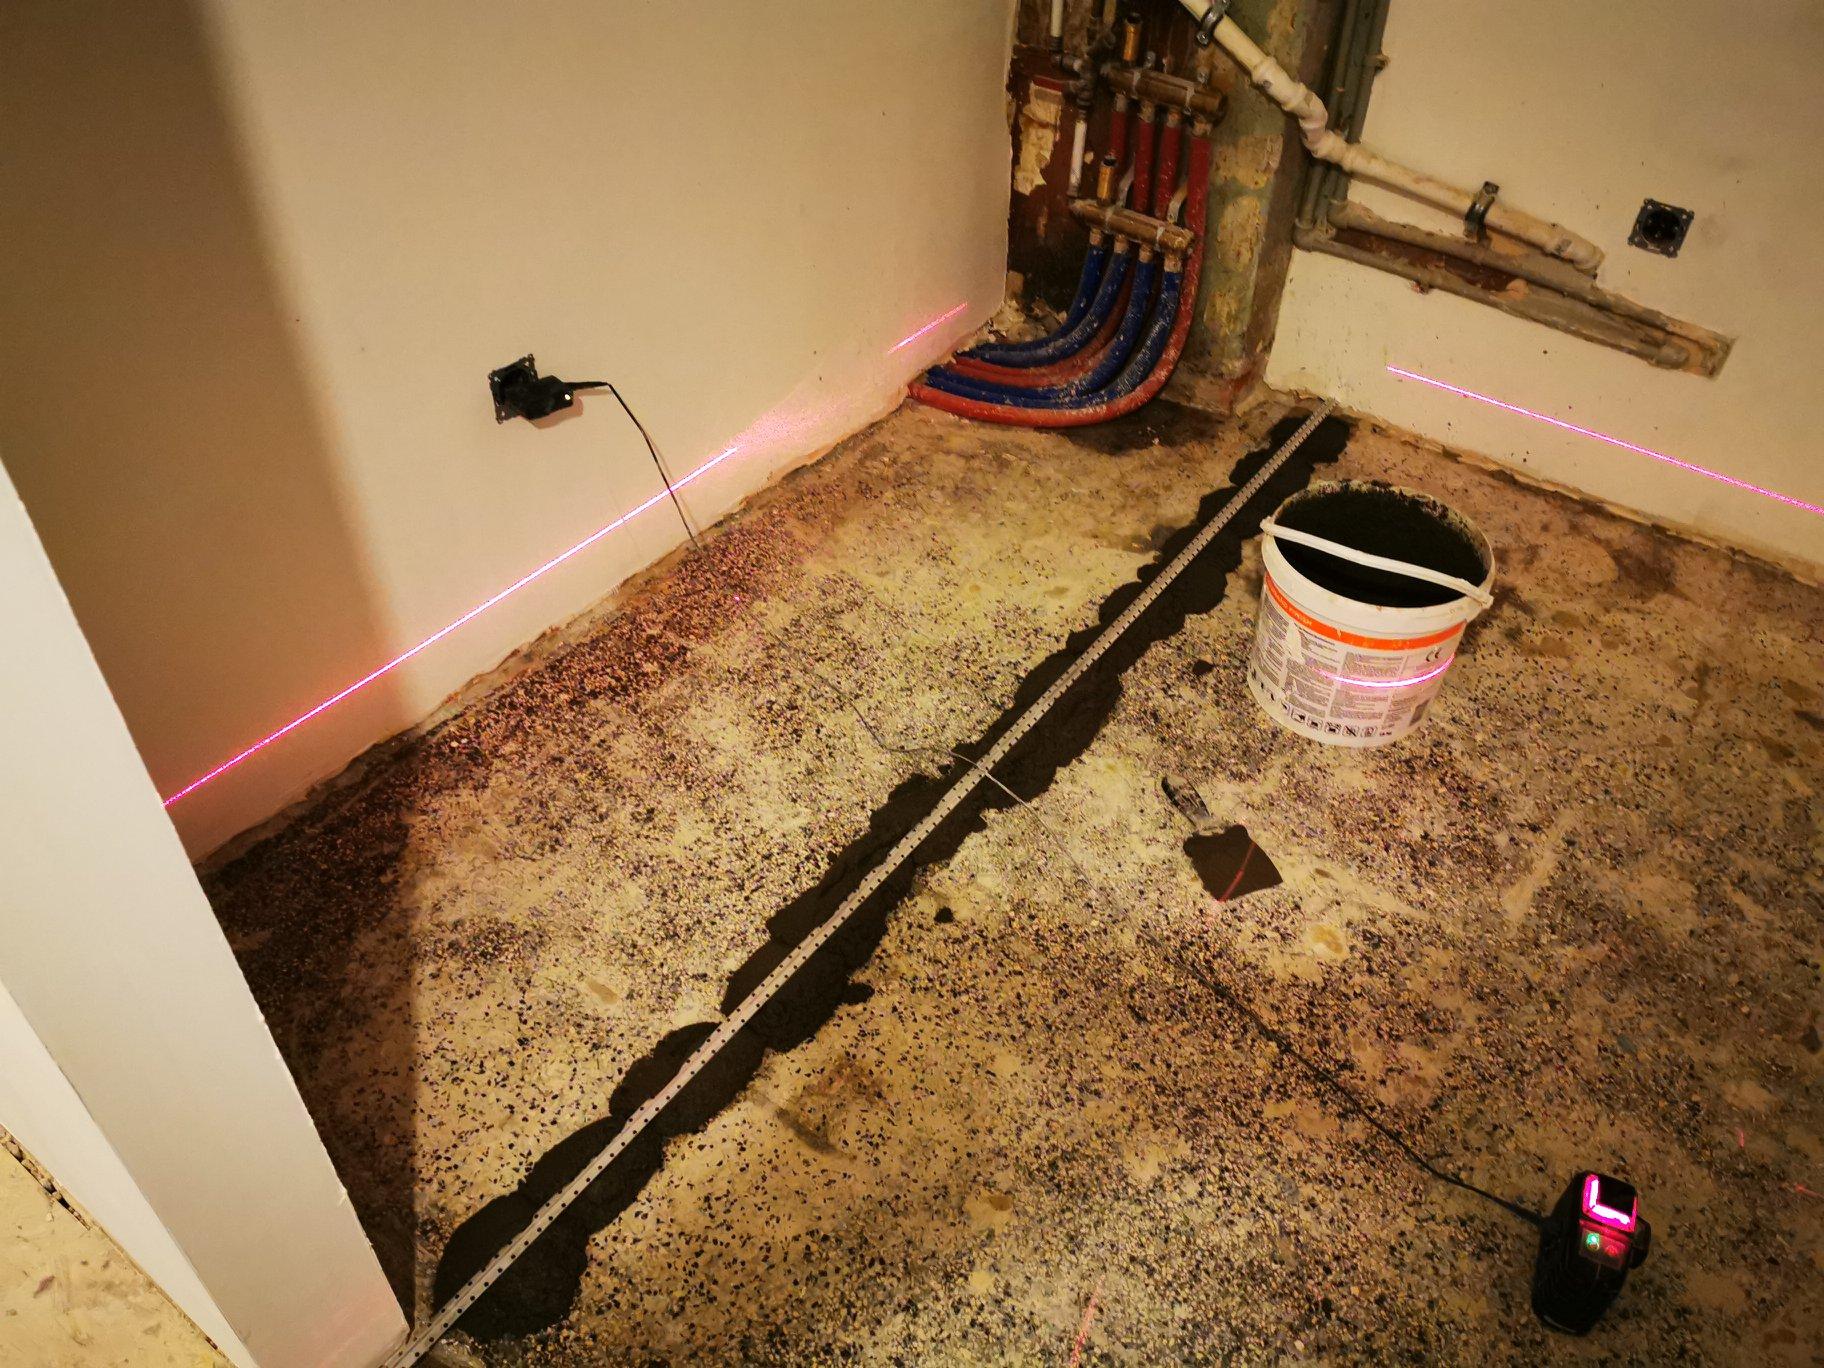 Kamienica przedwojenna - remont kapitalny, hydraulika, elektryk, podłogi, ściany, tynki, malowanie, łazienka